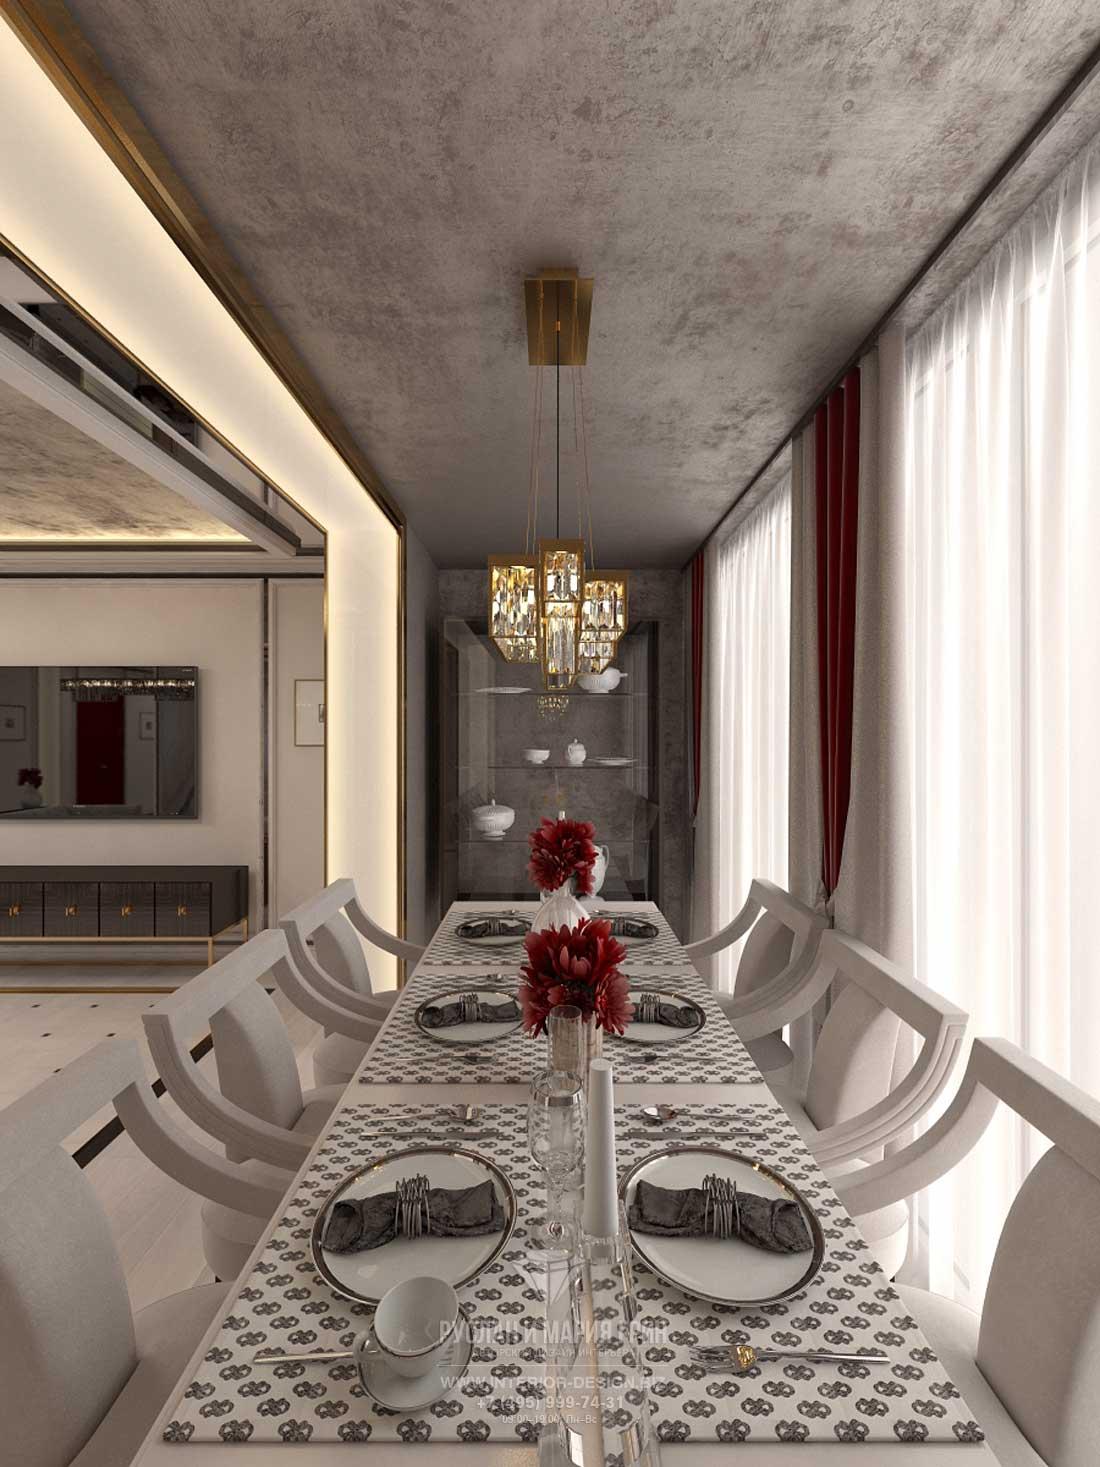 Дизайн столовой в стиле арт-деко. Бежевый интерьер